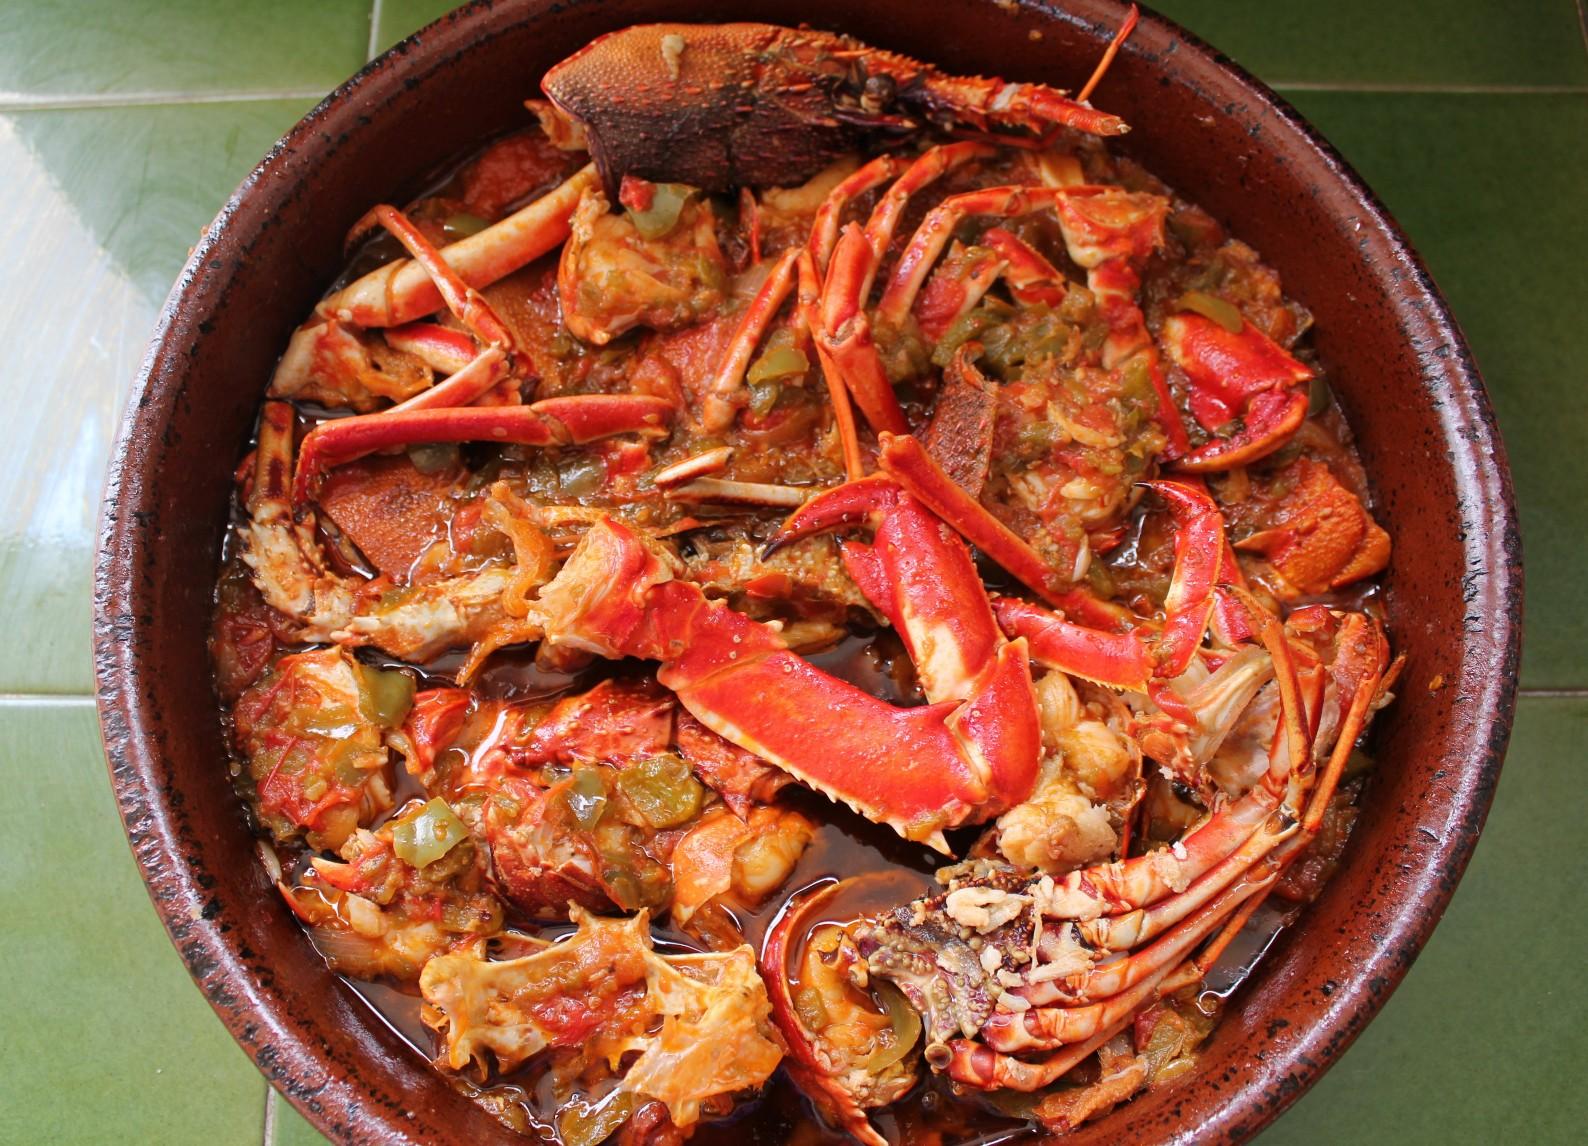 Langosta Menorquina (Lobster) | Menorca Blue